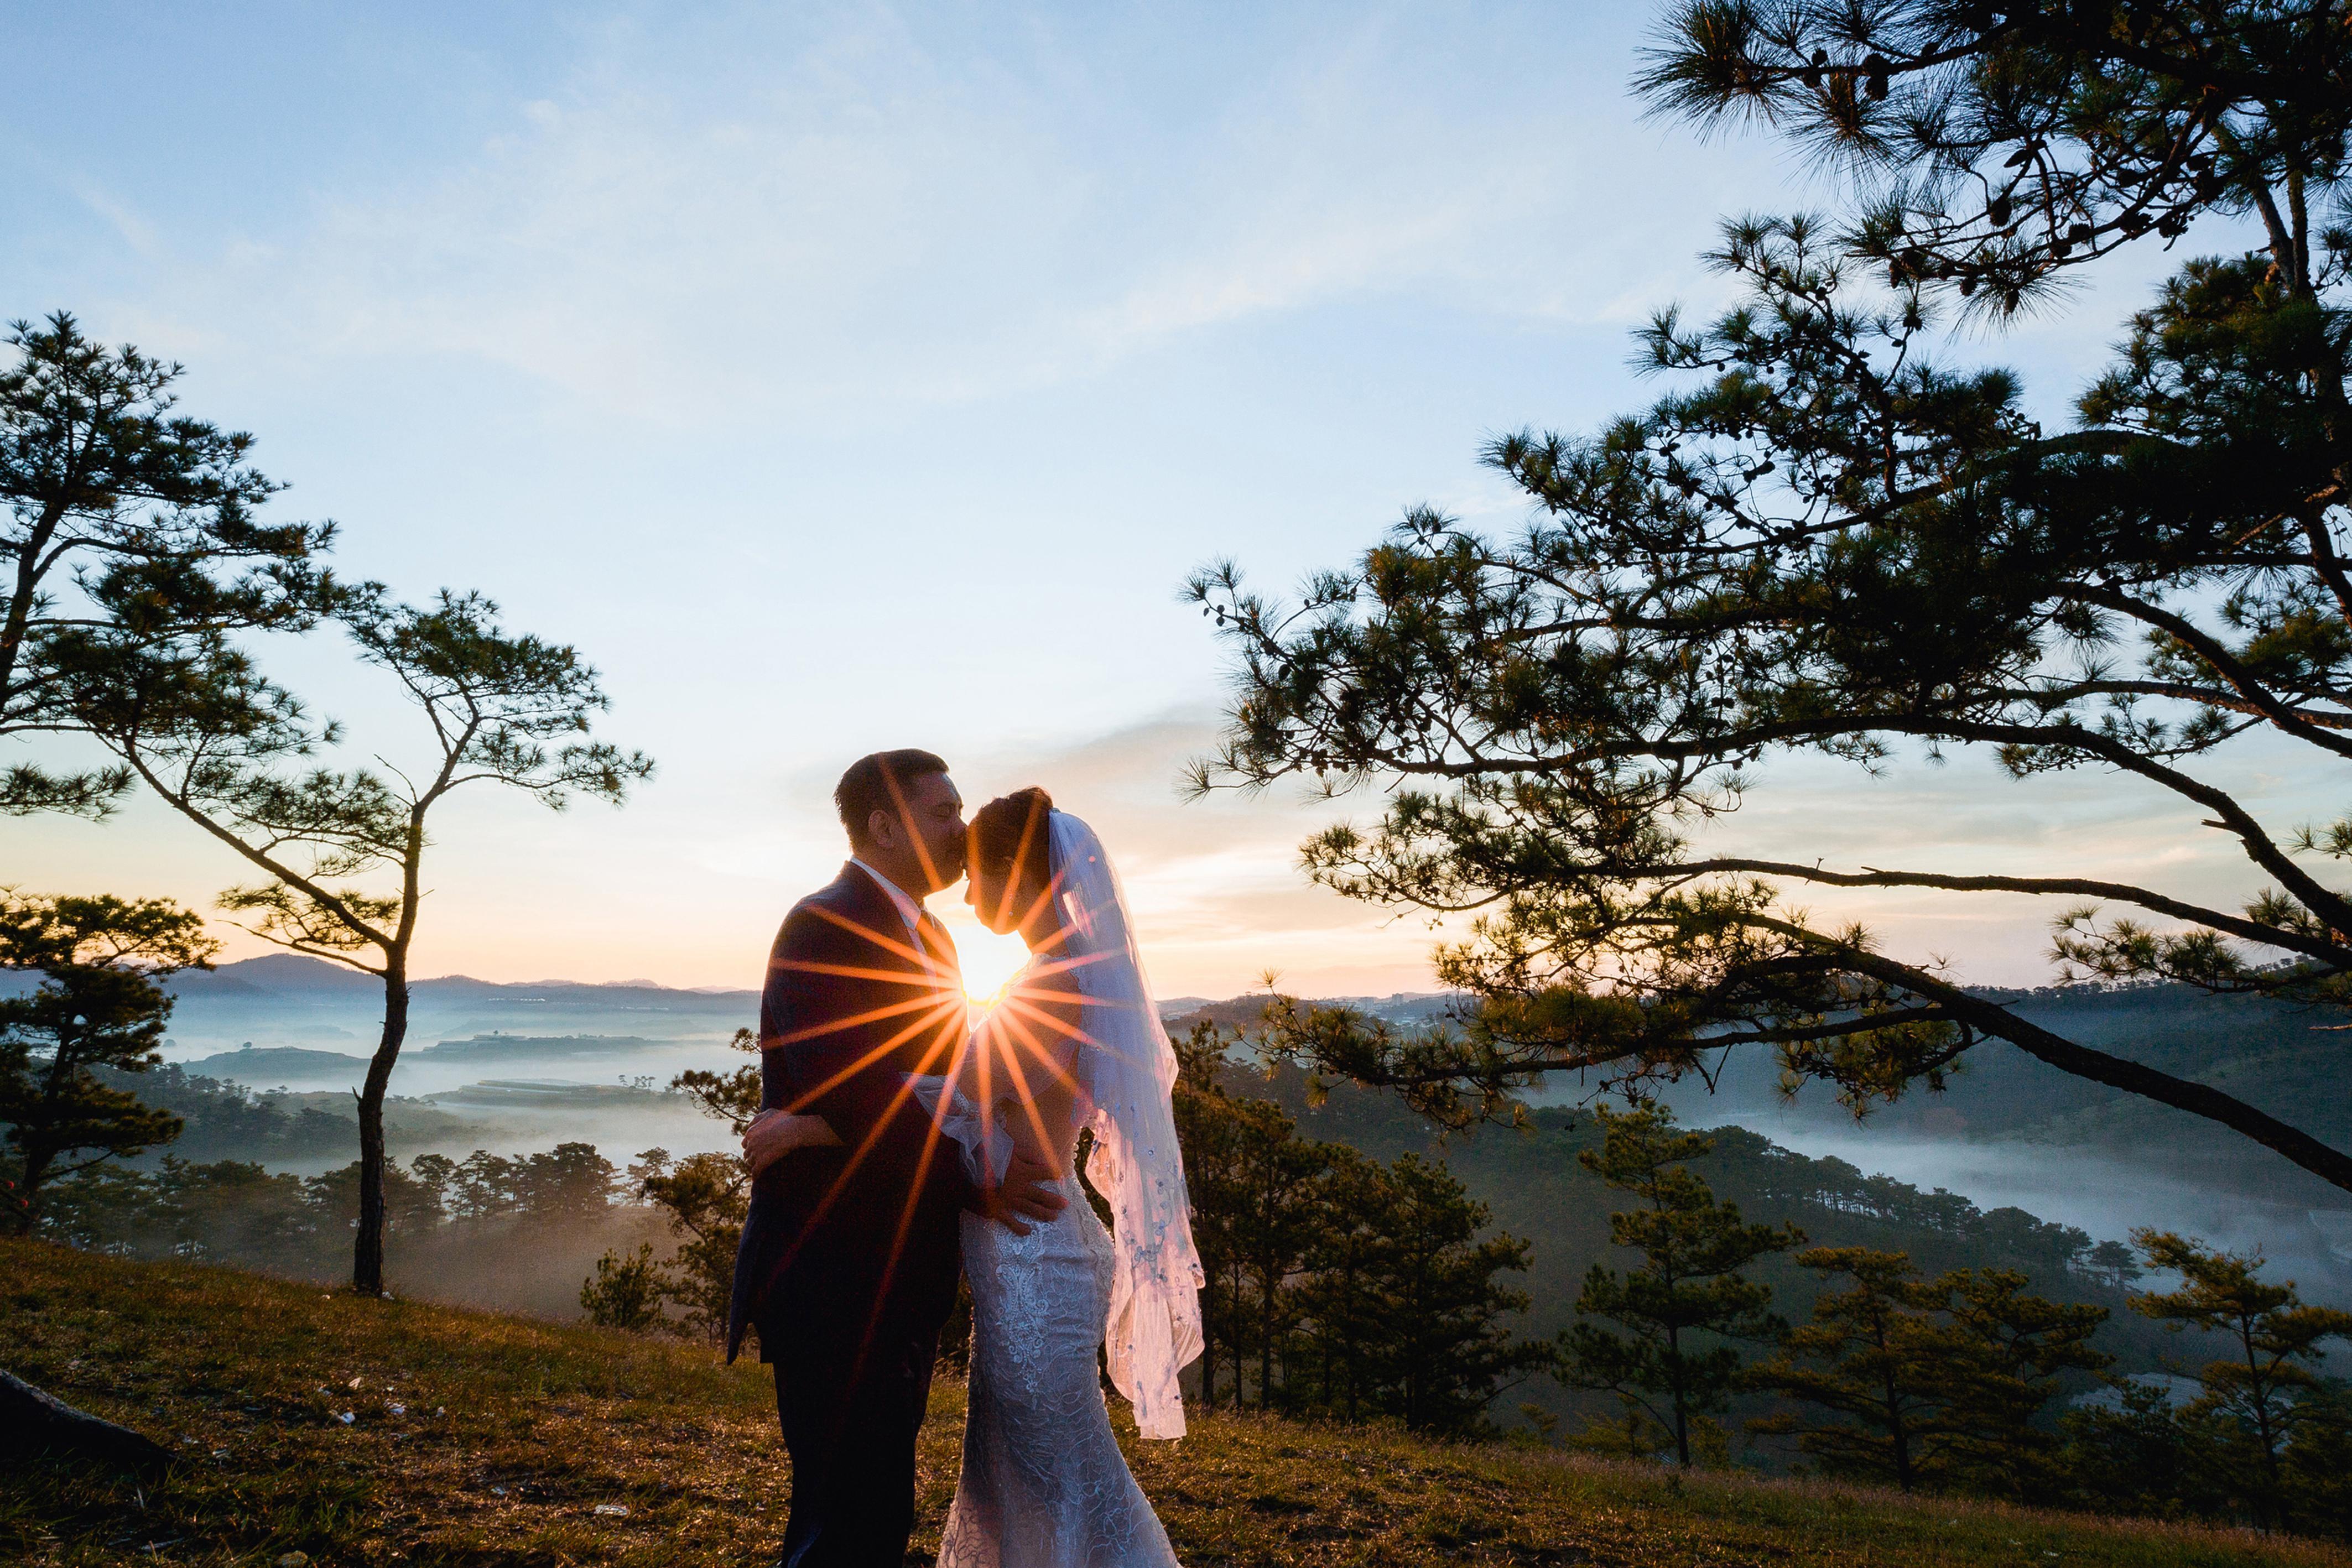 Xếp hạng 7 Studio chụp ảnh cưới đẹp, chuyên nghiệp nhất TP Vĩnh Long -  Hồng Cúc Wedding